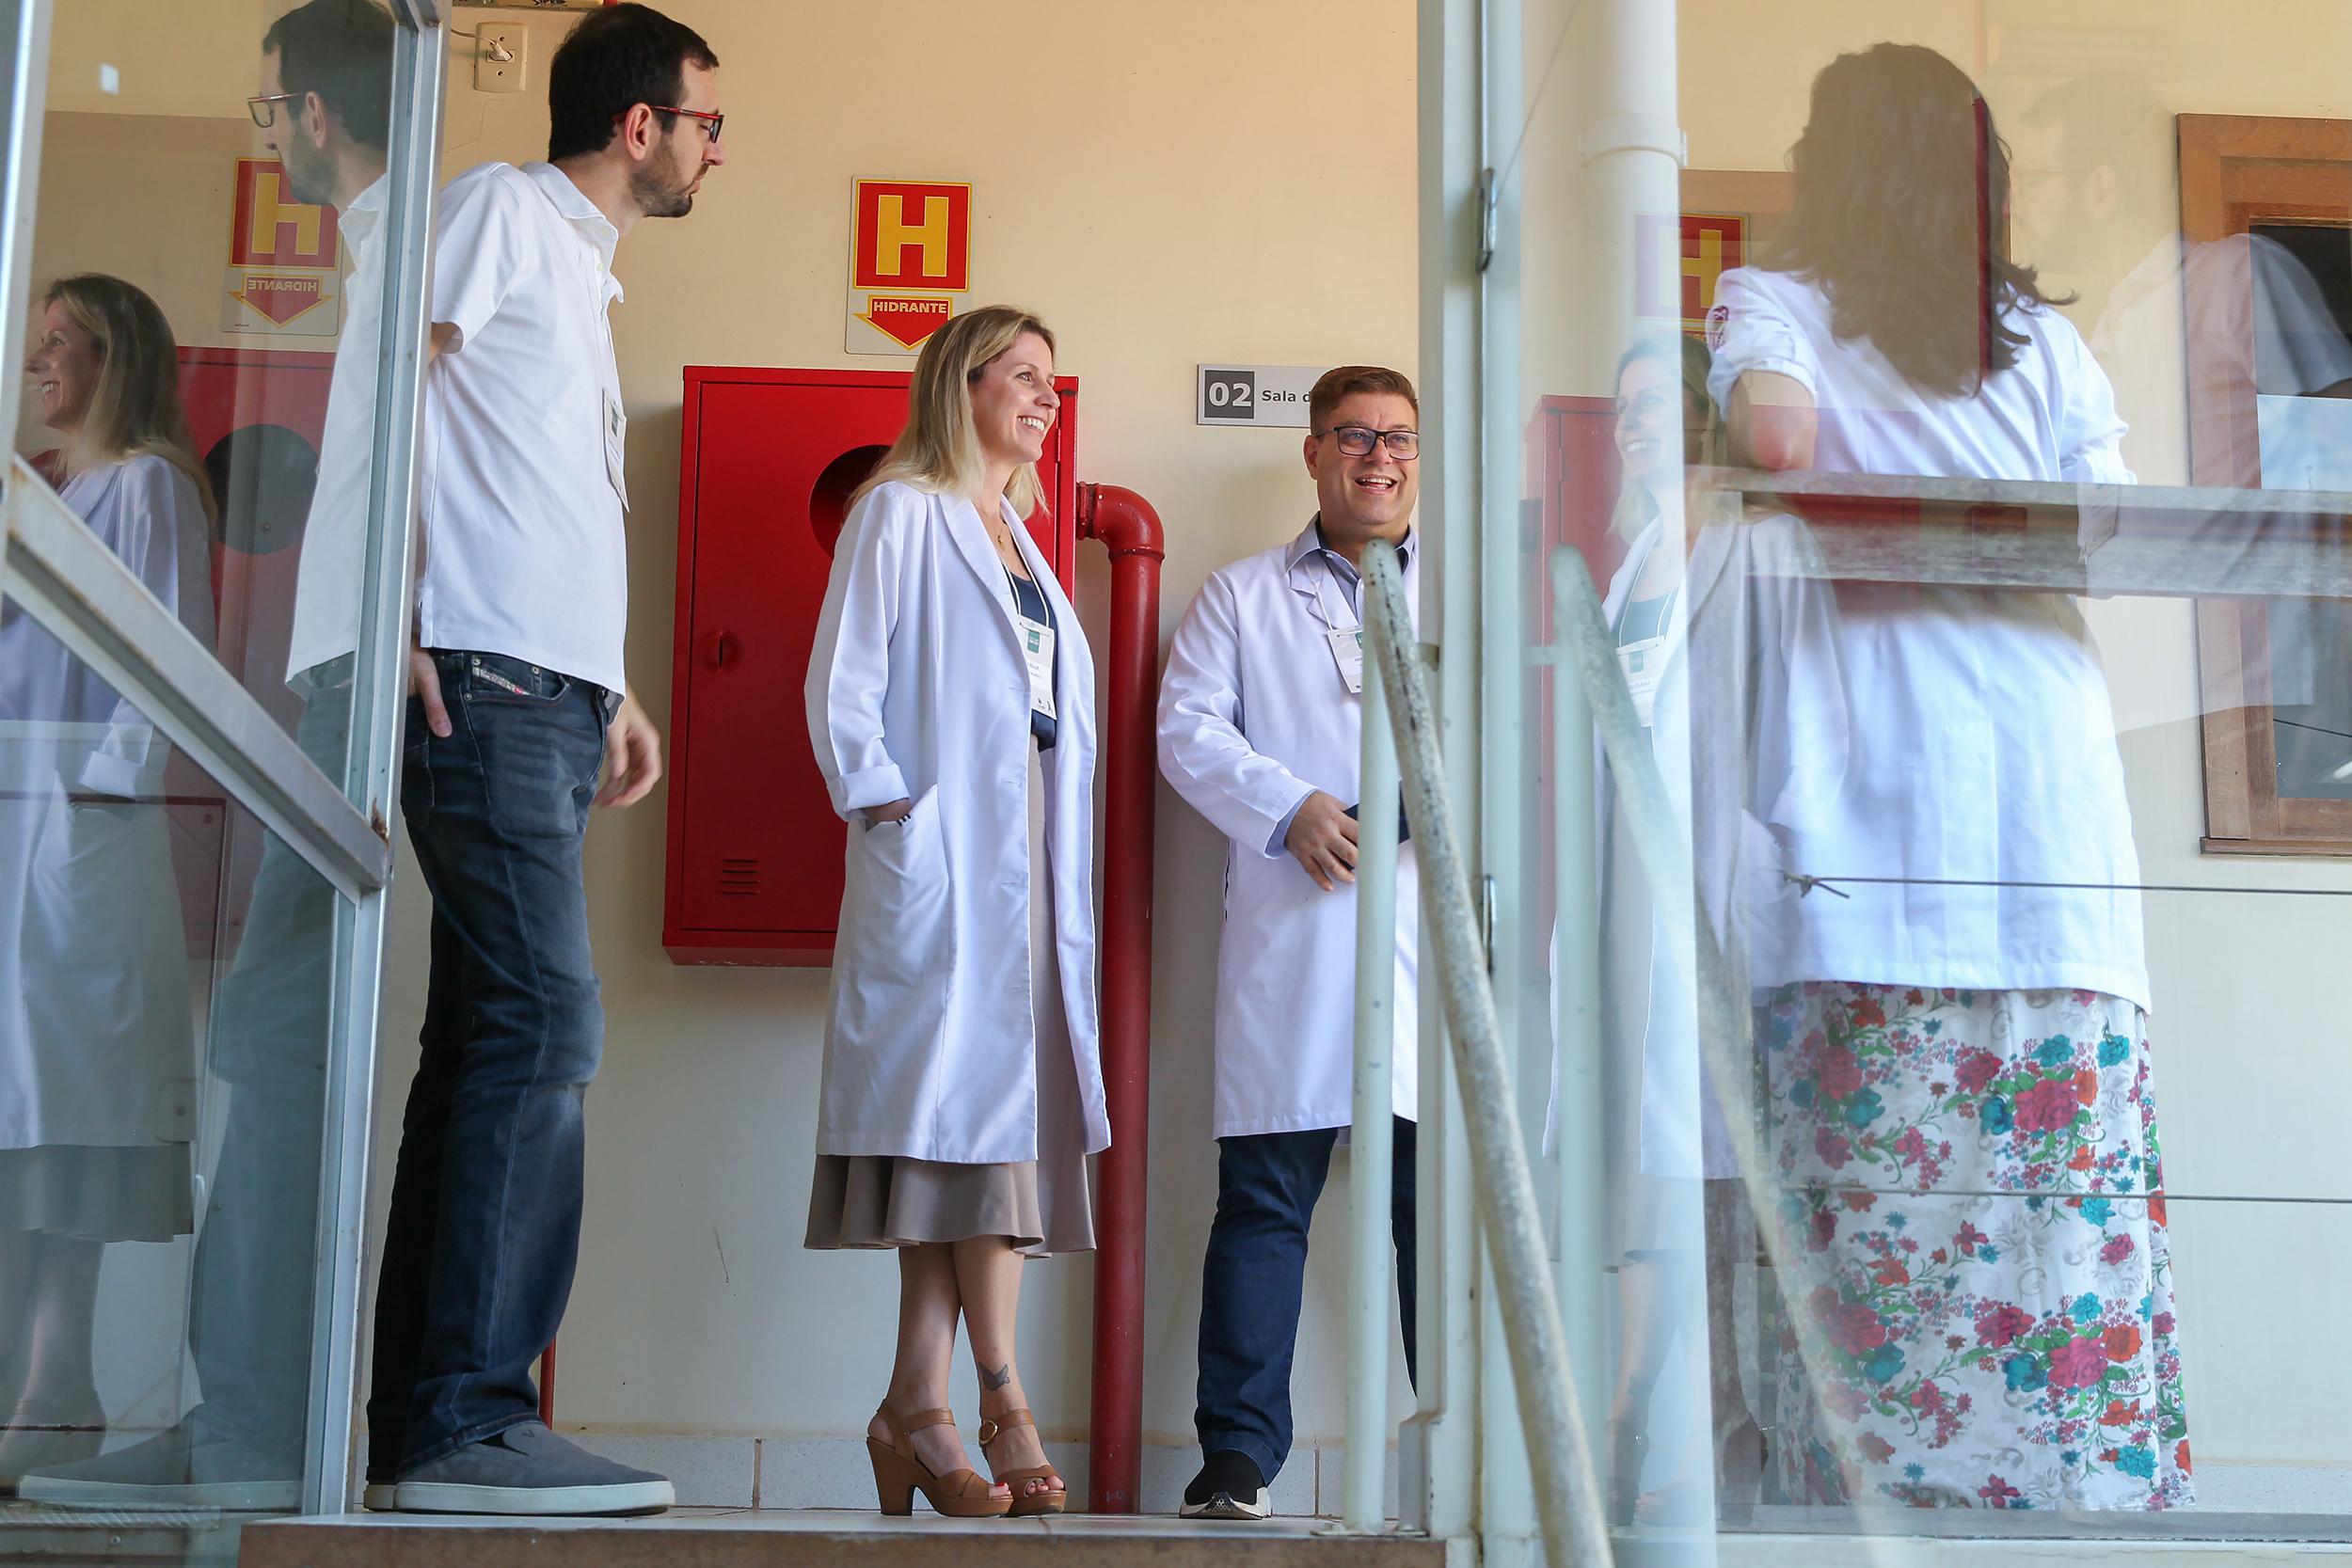 Acre solicita apoio do Ministério da Saúde para reforço de profissionais de saúde durante pandemia